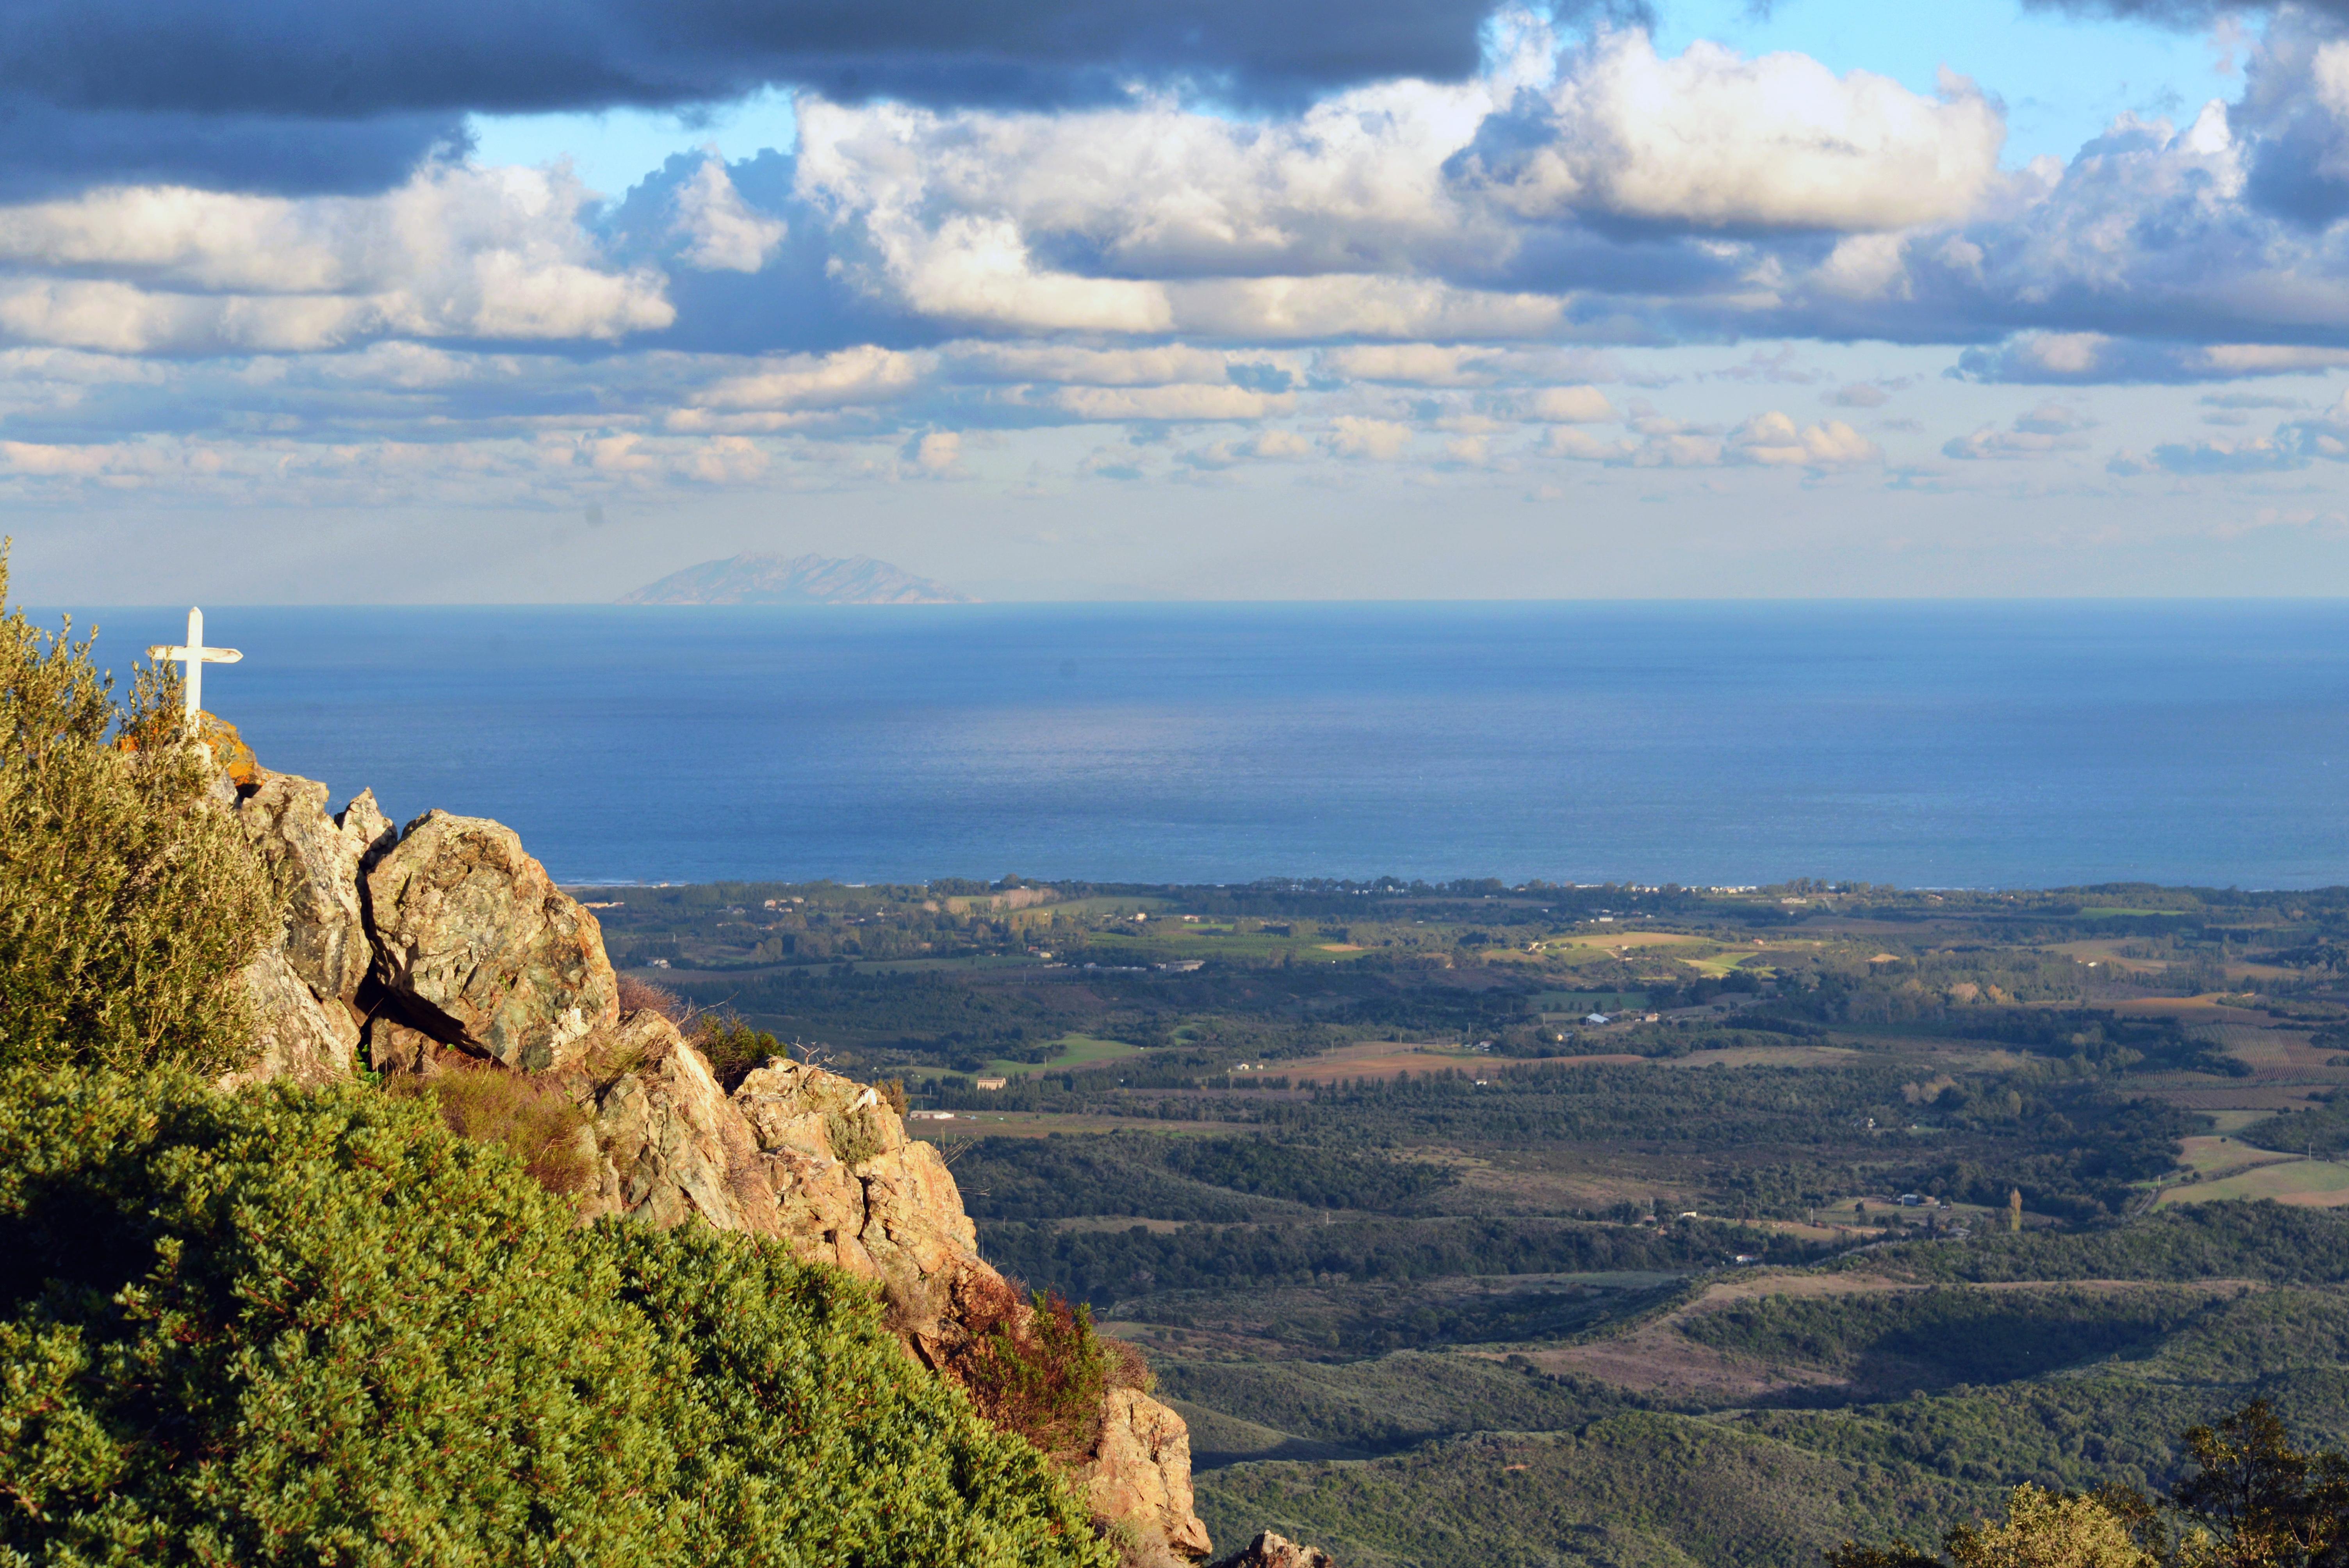 Tox plaine de Linguizzetta et Montecristo vus depuis ND des Graces.jpg